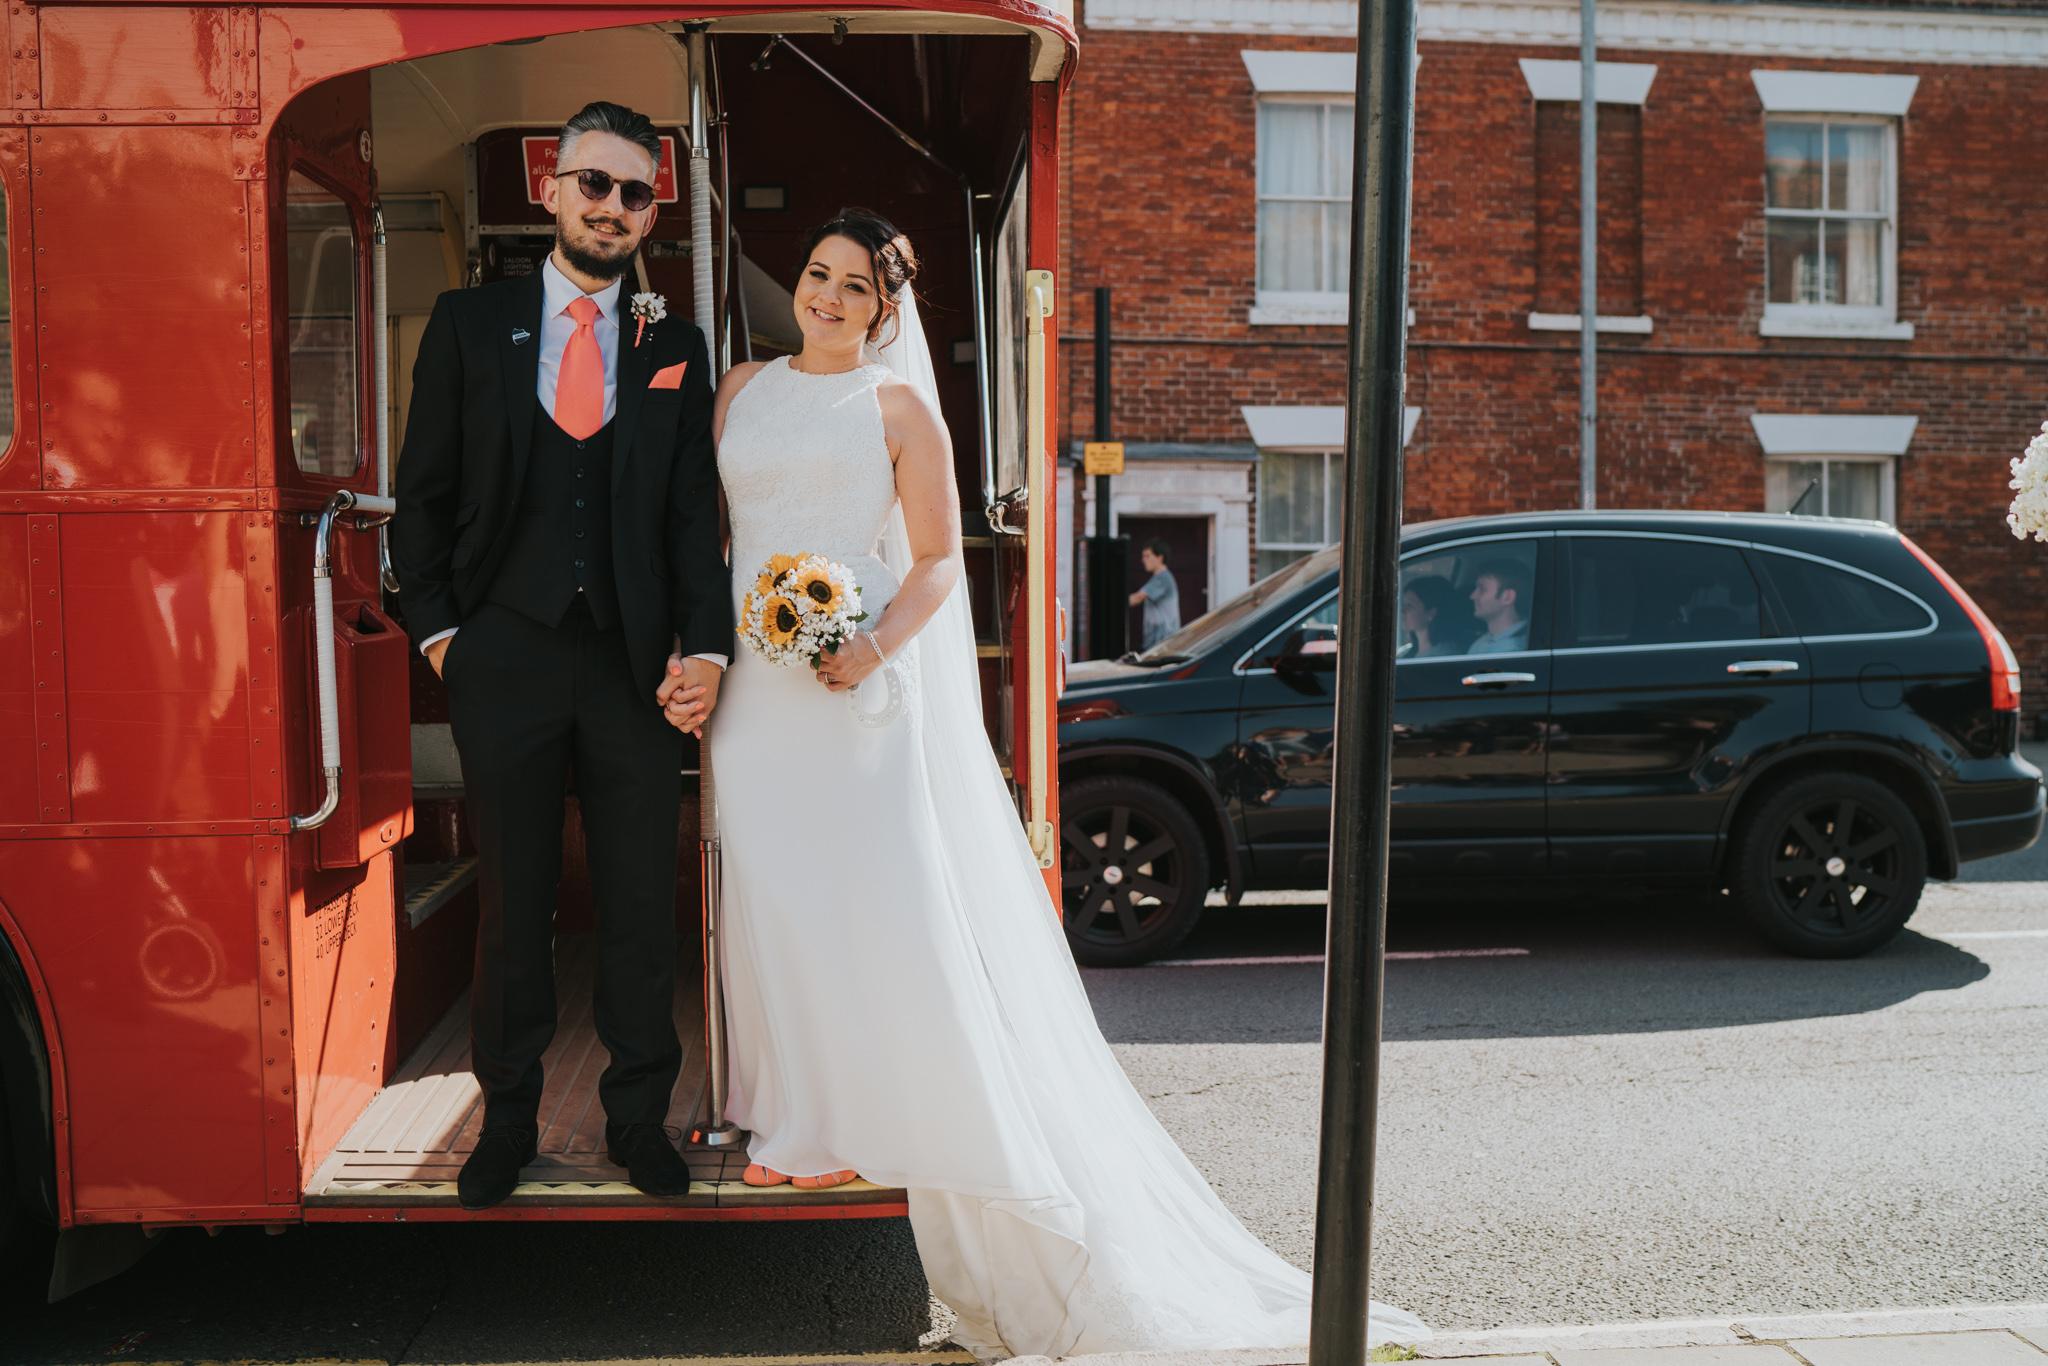 Joe-Tiffany-Colchester-Castle-Wedding-Essex-Grace-Elizabeth-Colchester-Essex-Alternative-Wedding-Photographer-Suffolk-Norfolk-Devon (65 of 122).jpg